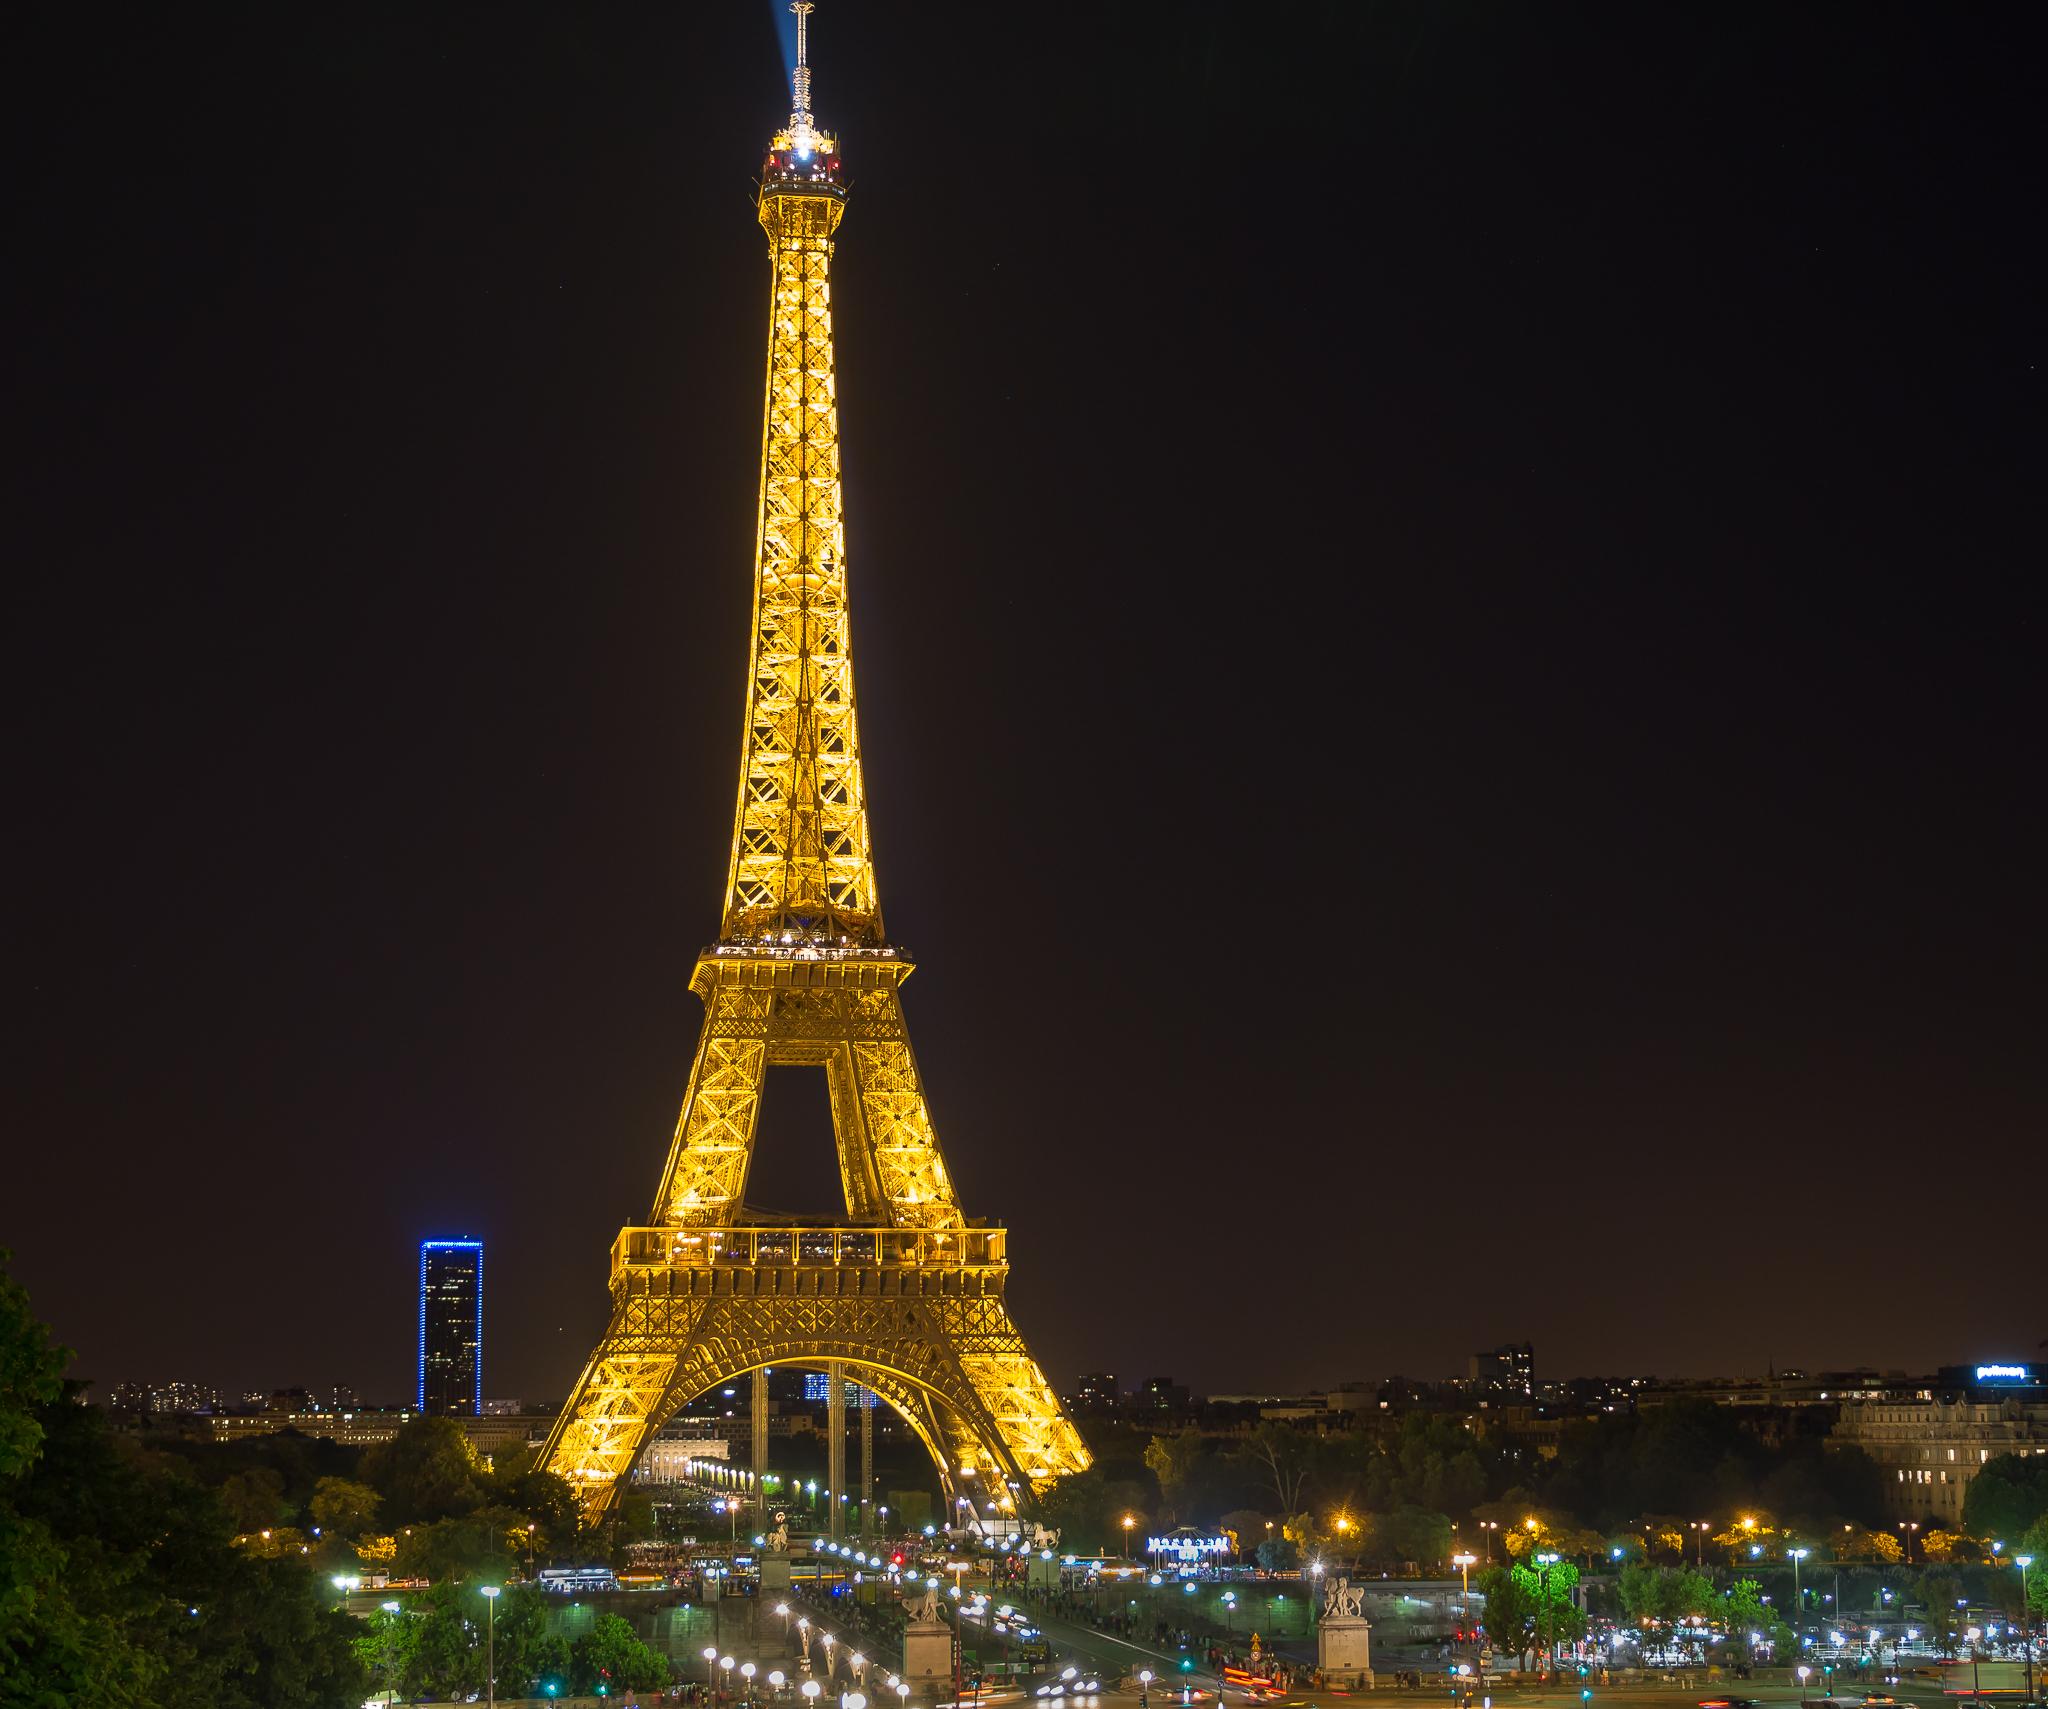 Wallpaper : city, summer, urban, Paris, France, tower, ART